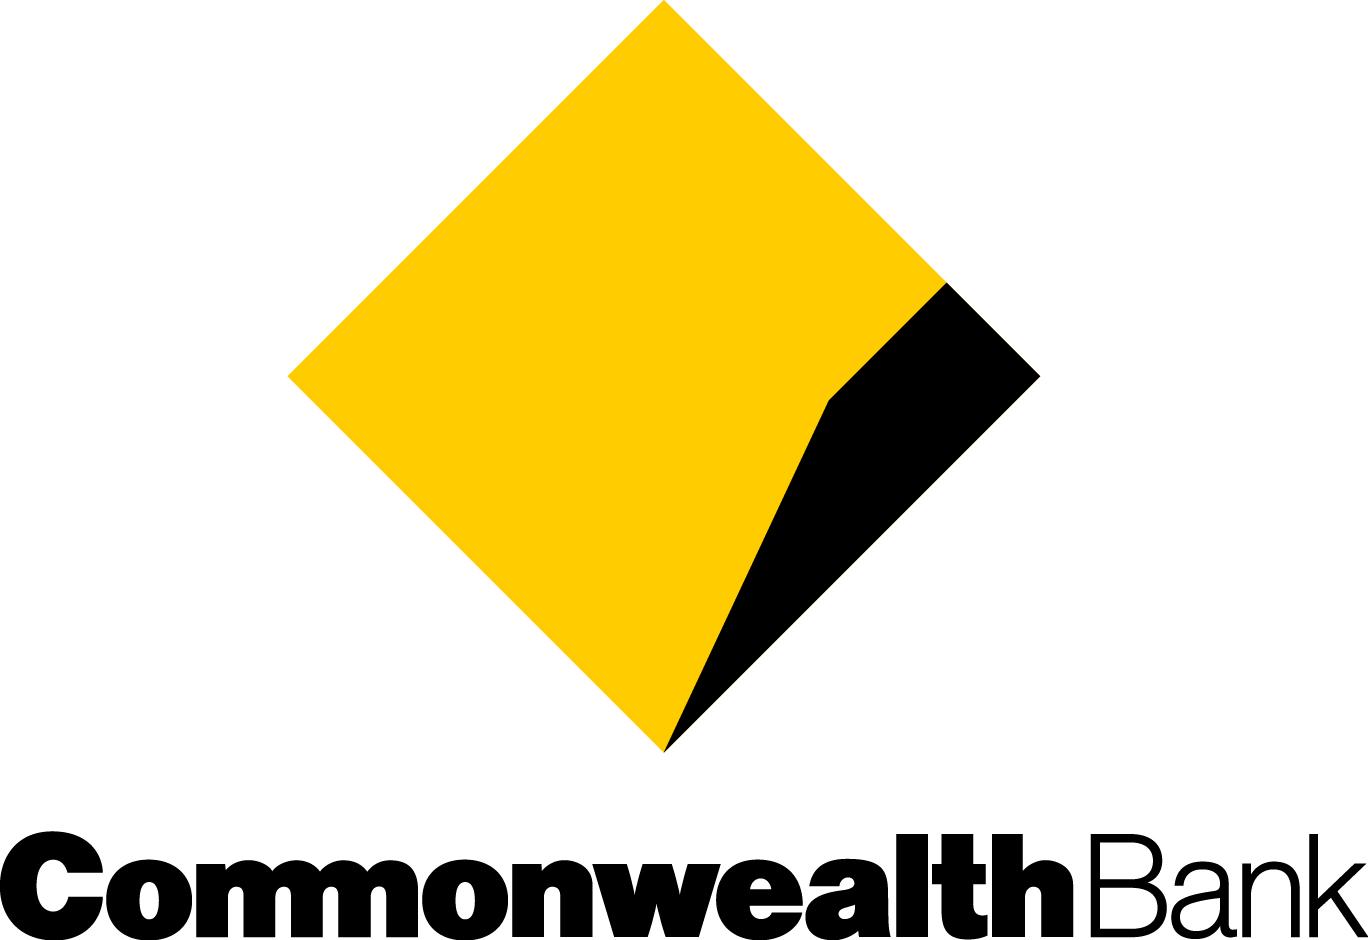 رسوایی مالی بانک مشترک المنافع استرالیا با گمشدن اطلاعات مشتریان